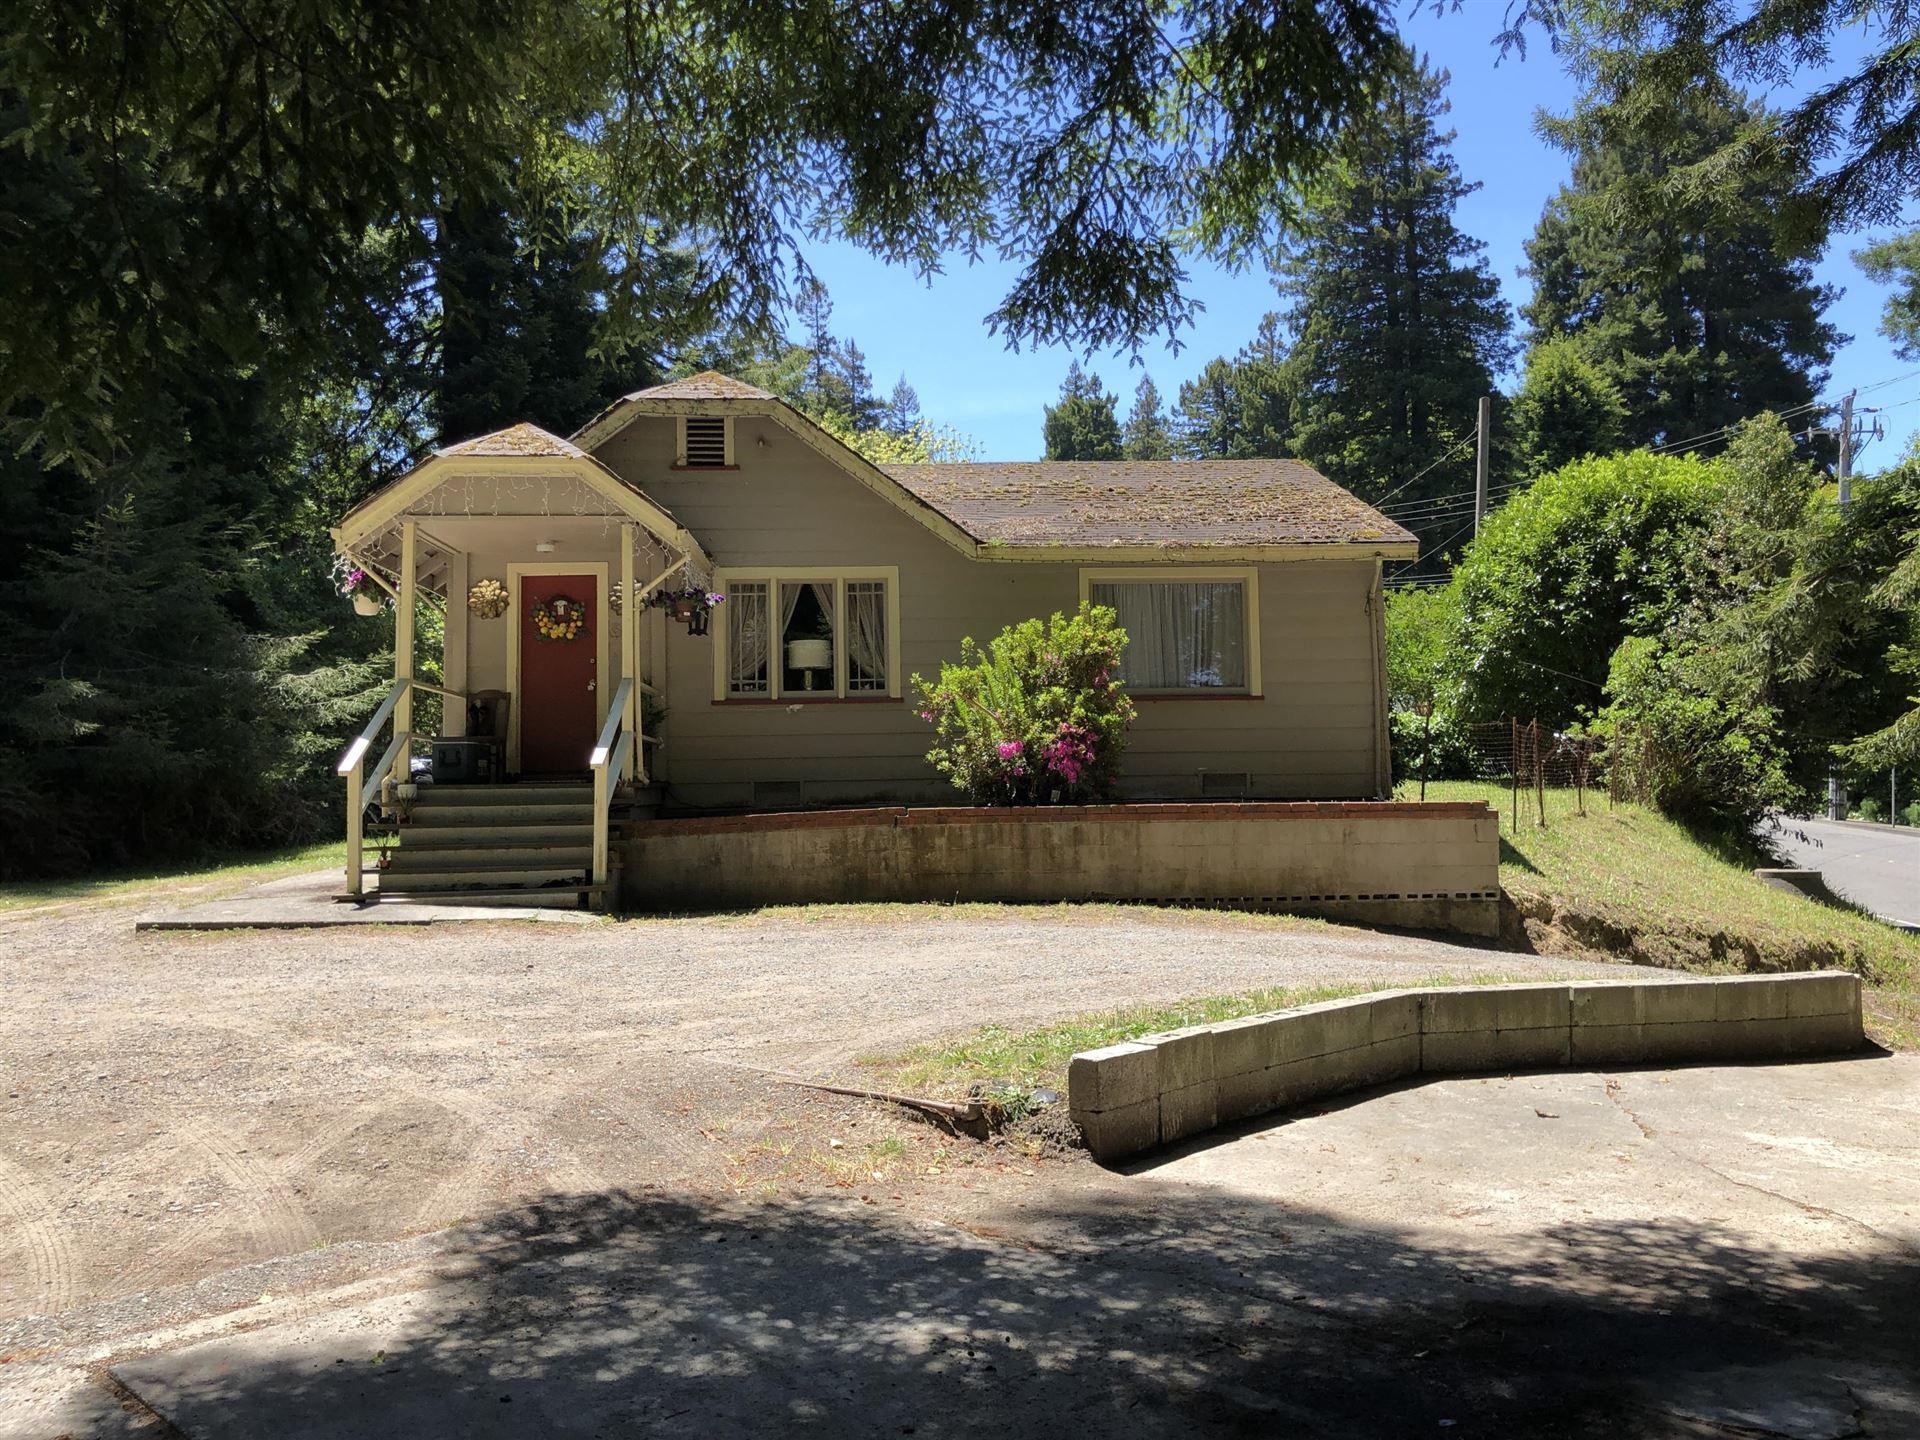 4227 Campton Road, Eureka, CA 95503 - MLS#: 259211